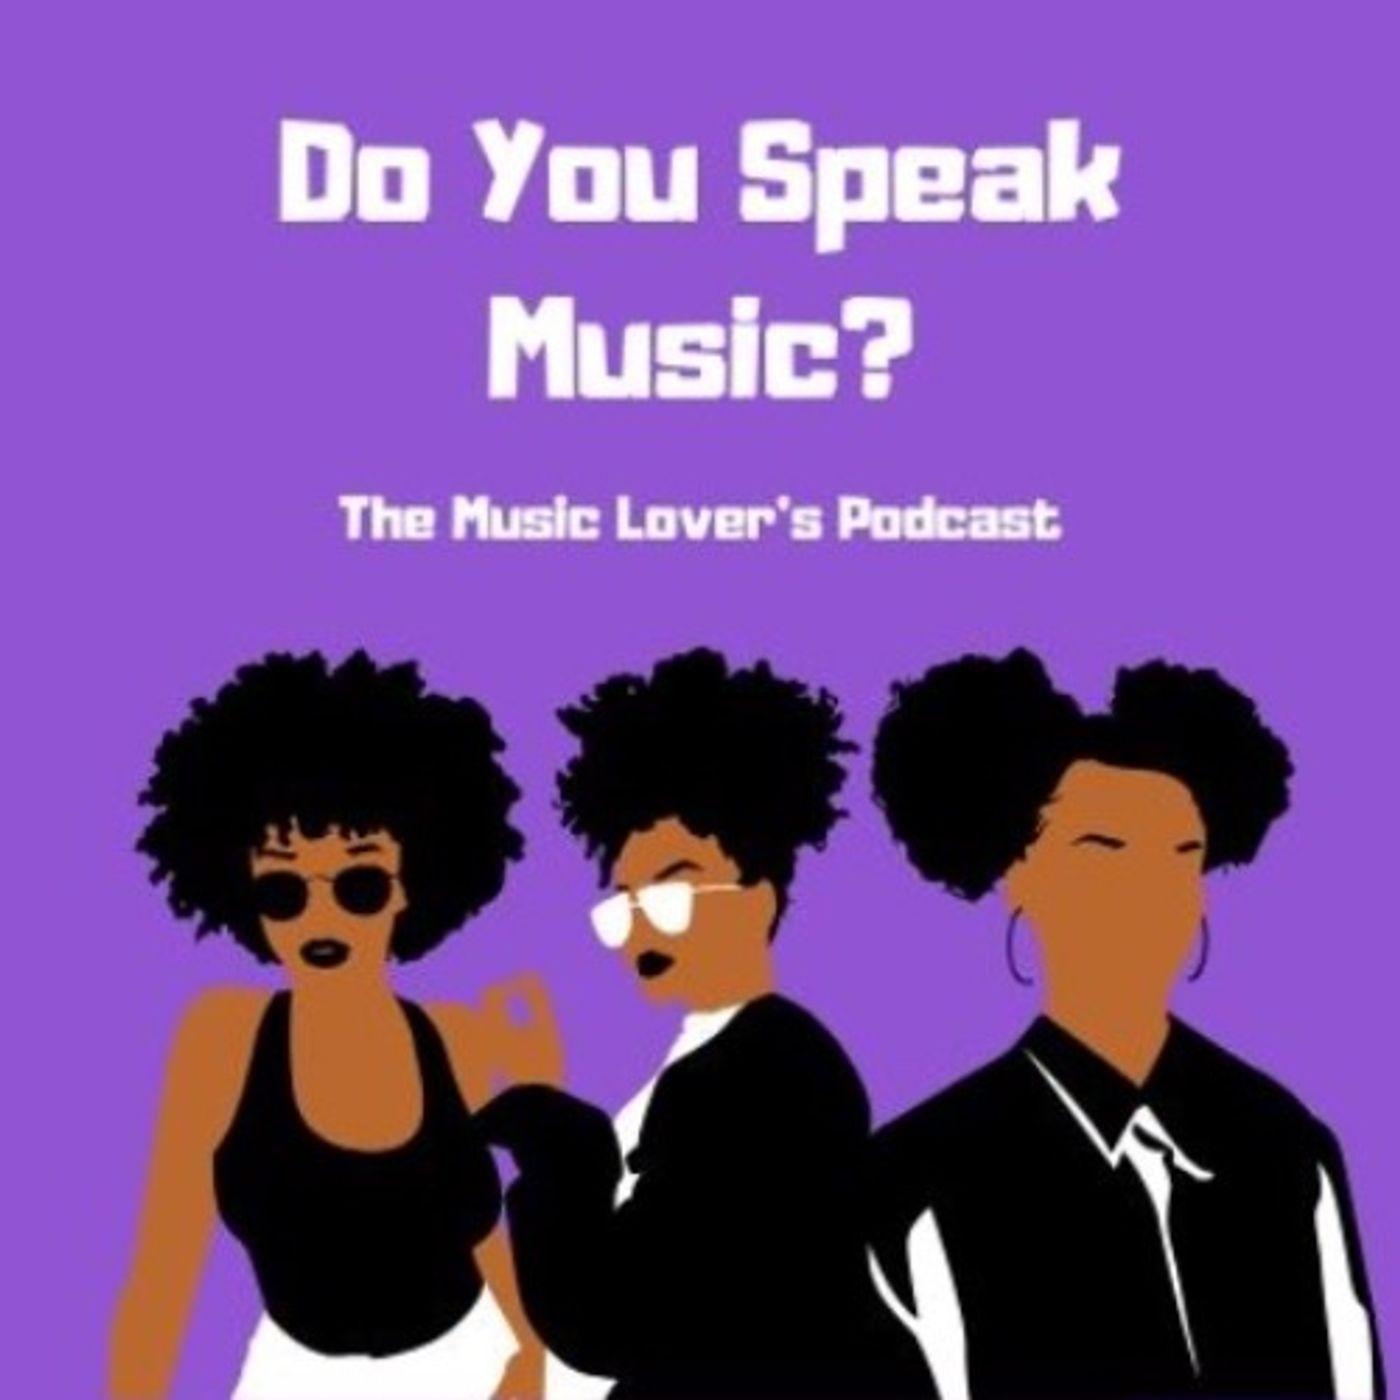 Do You Speak Music